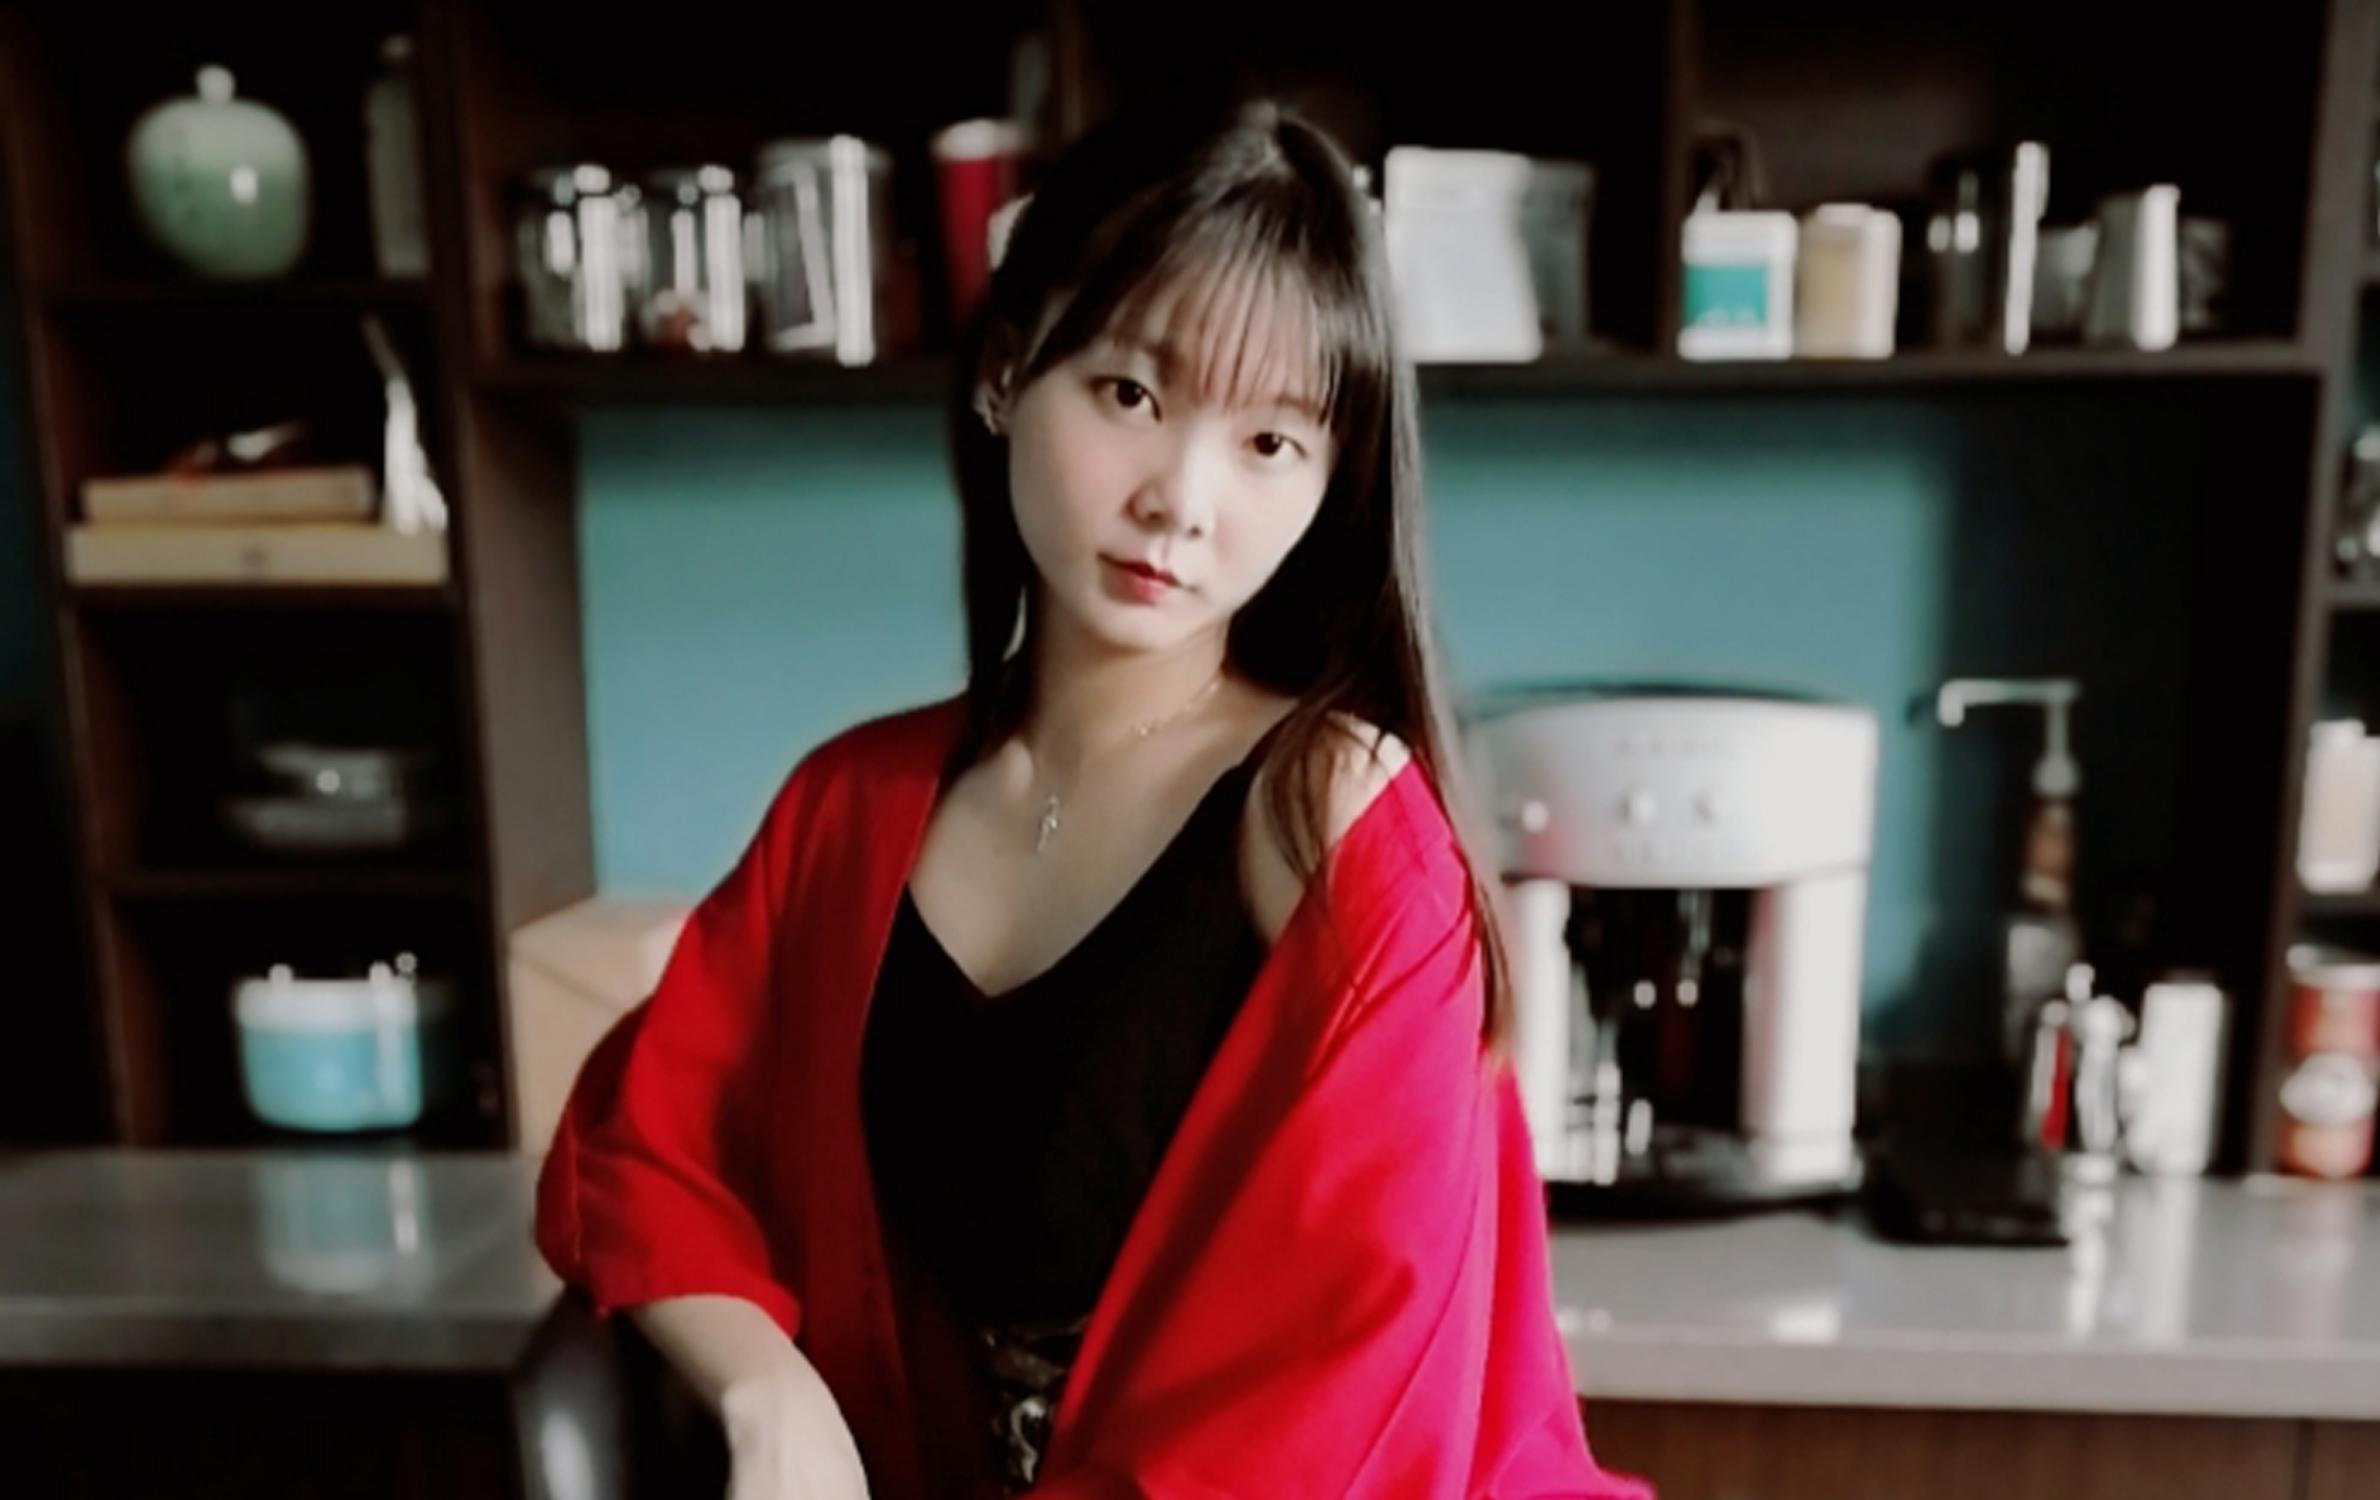 【夏天穿裙子】黑红搭配永不过时,花粉女生-花粉俱乐部